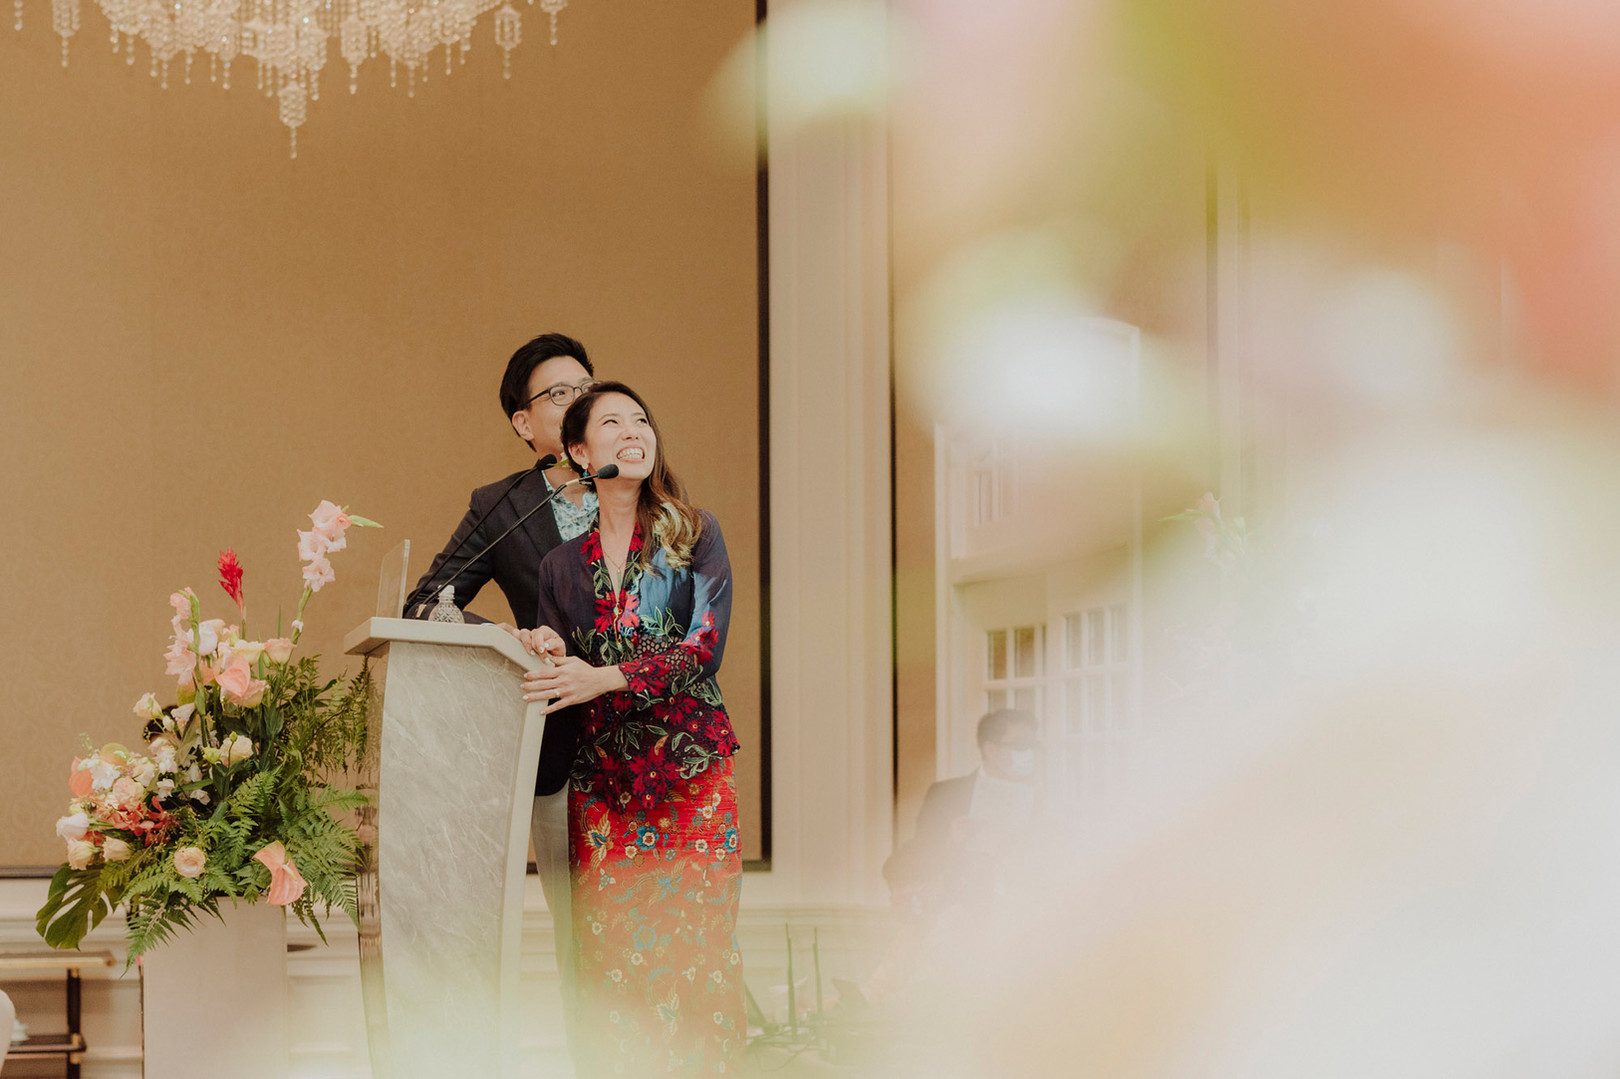 singapore-wedding-photography-ikicompany